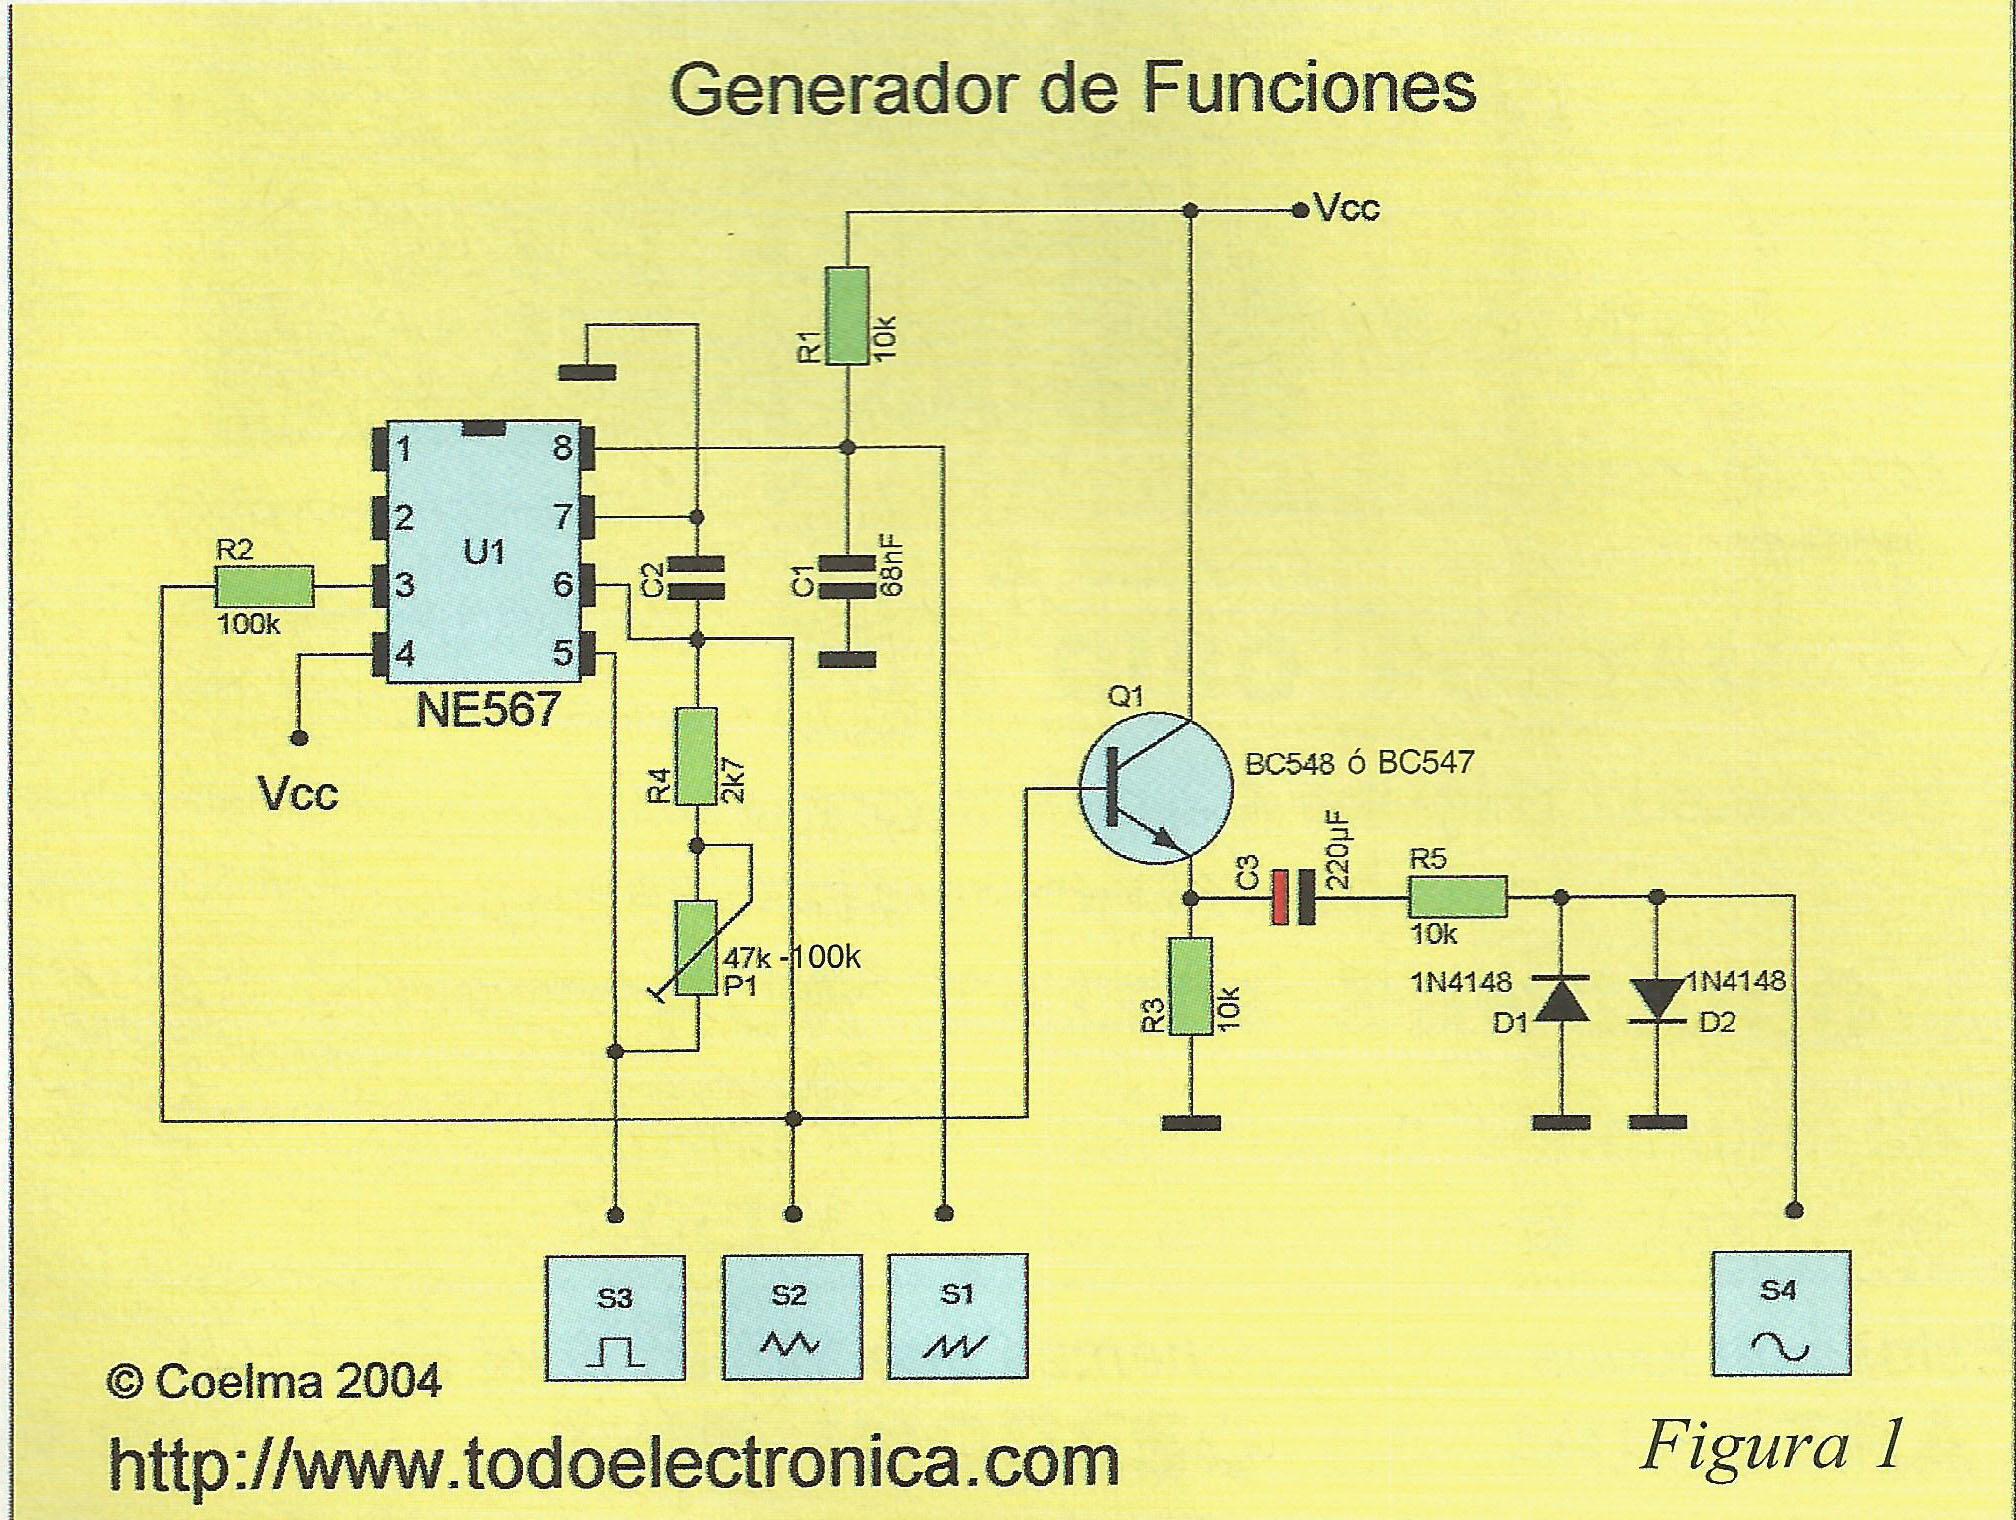 Circuito Y Sus Partes : Aprendiendo electricidad con el circuito de conexiones magnéticas